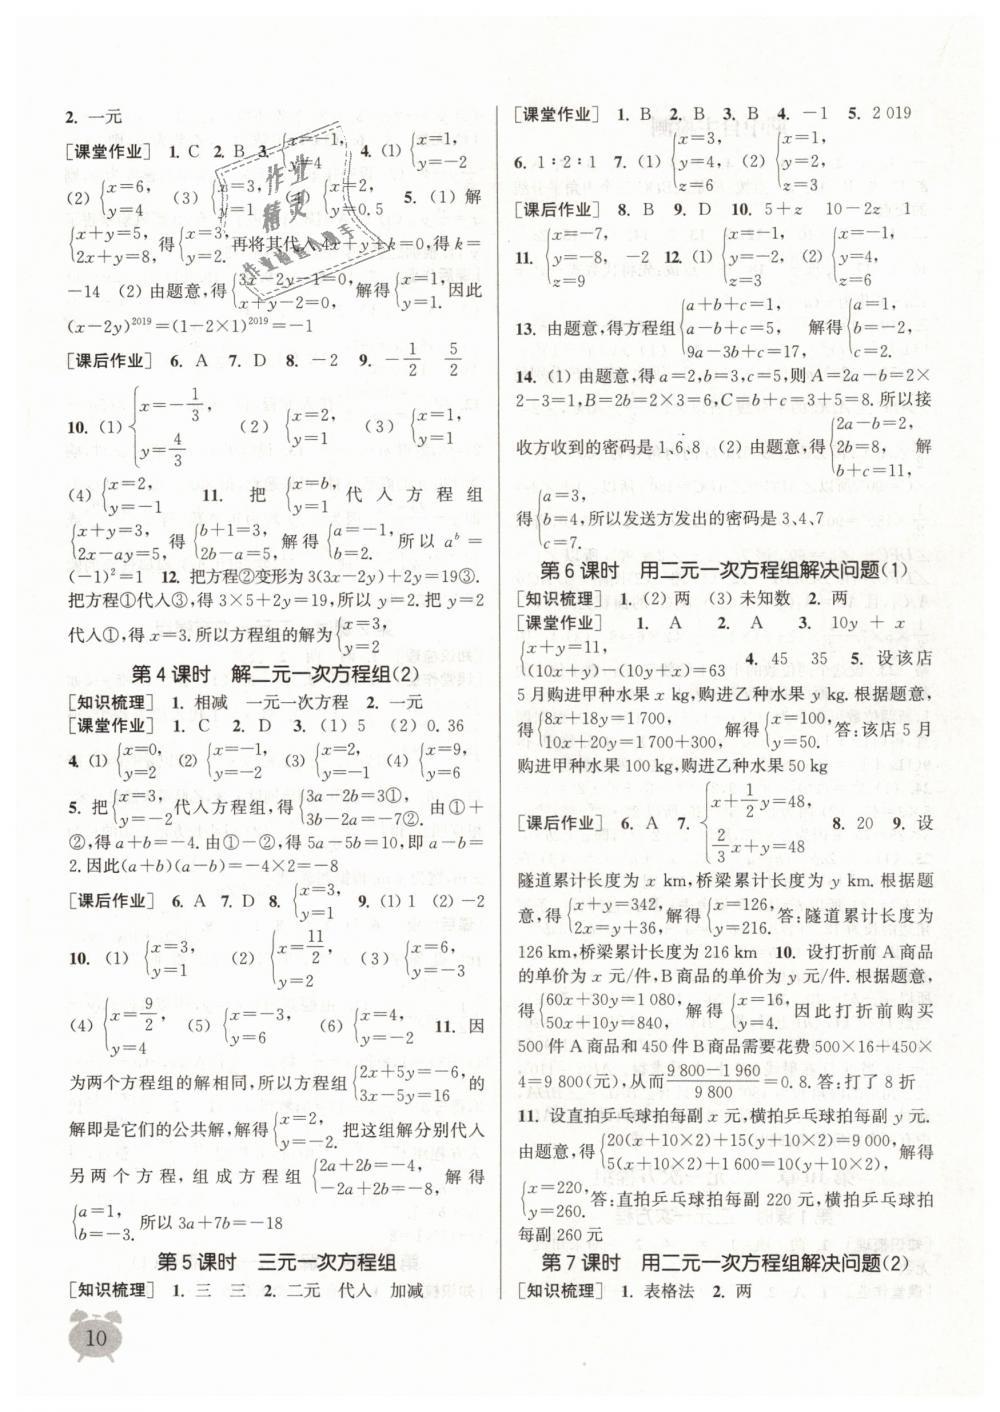 2019年通城学典课时作业本七年级数学下册苏科版江苏专用第10页